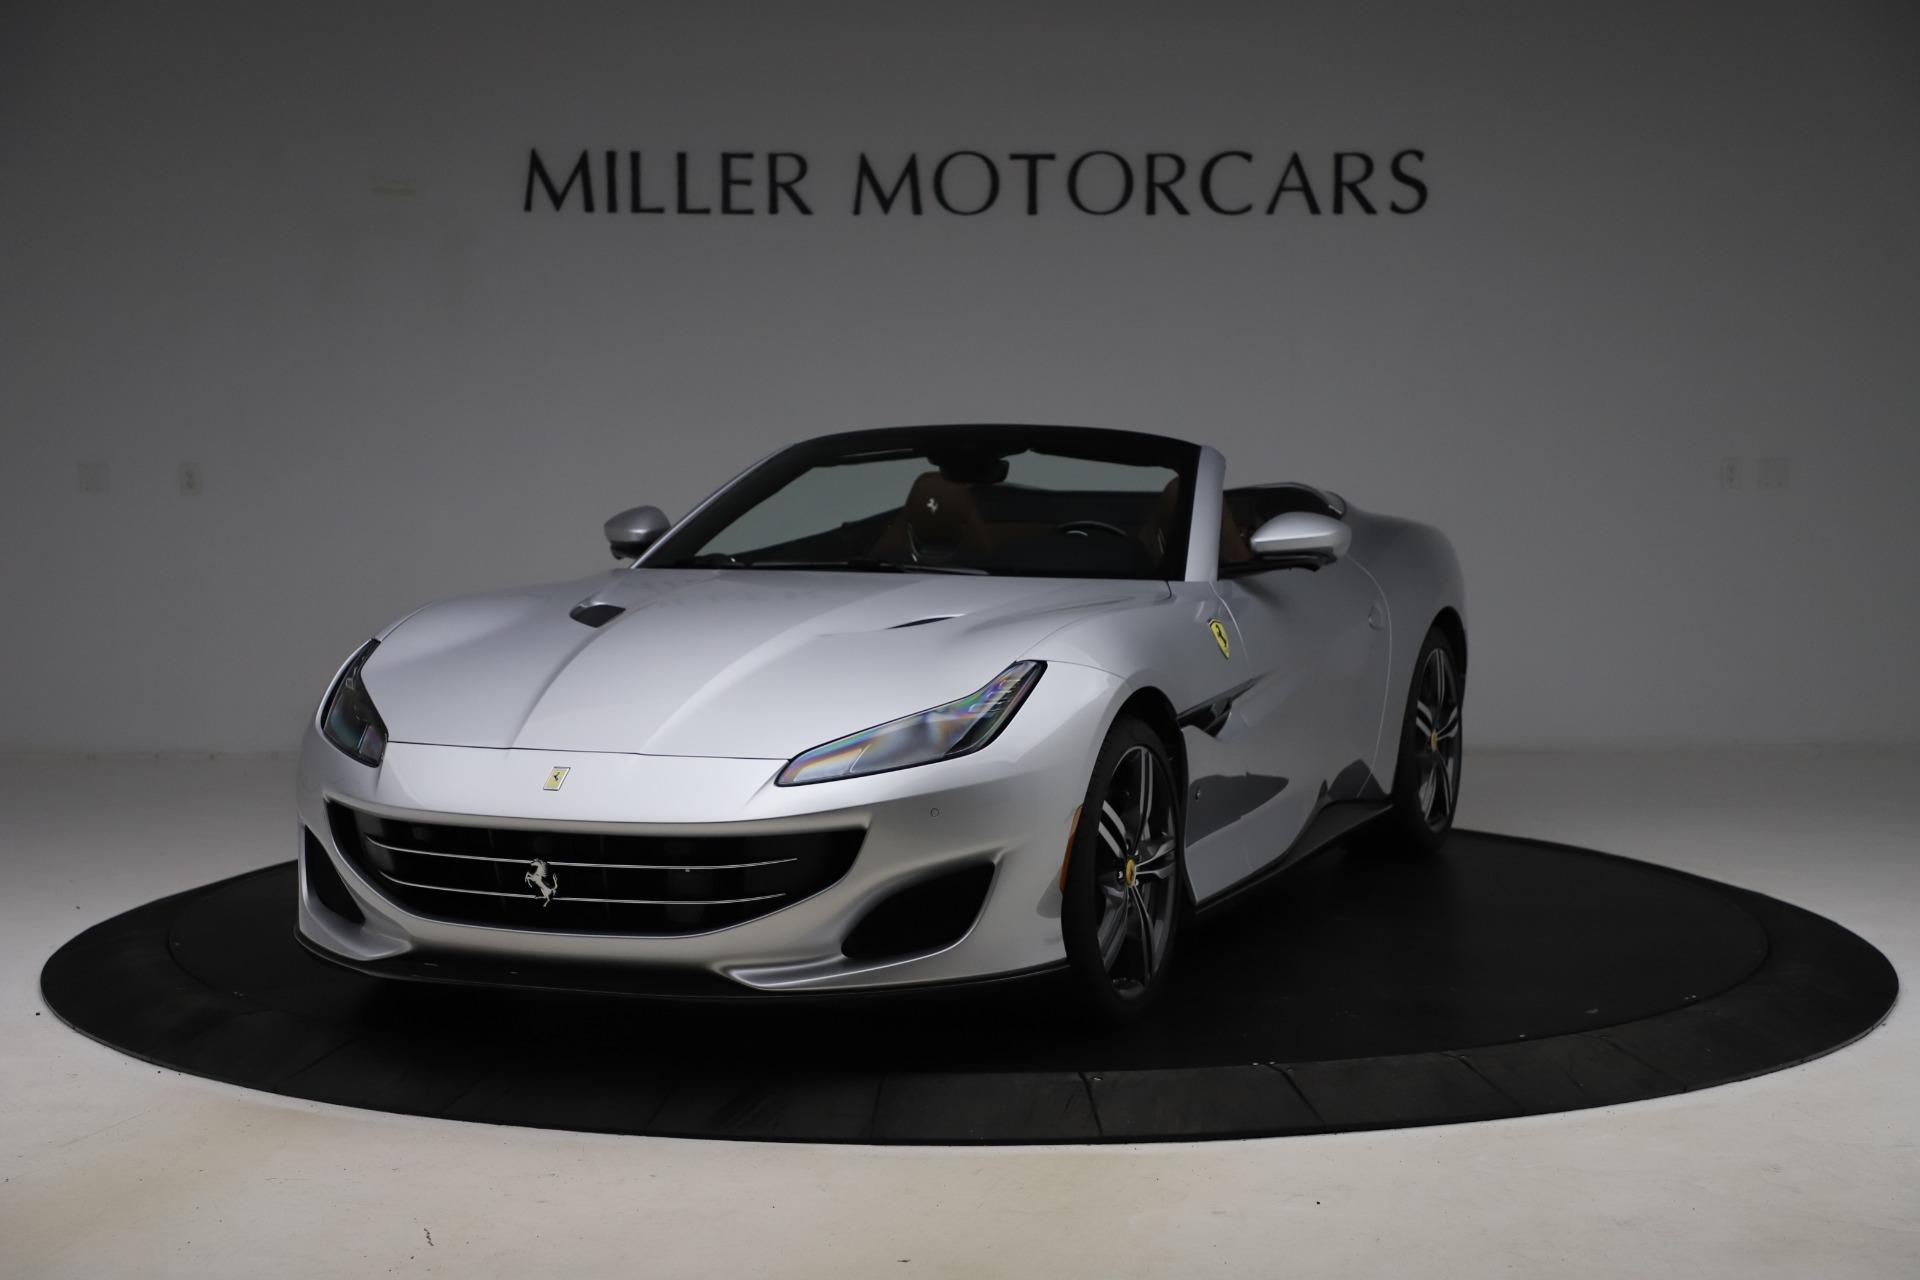 Used 2020 Ferrari Portofino for sale Sold at Bugatti of Greenwich in Greenwich CT 06830 1